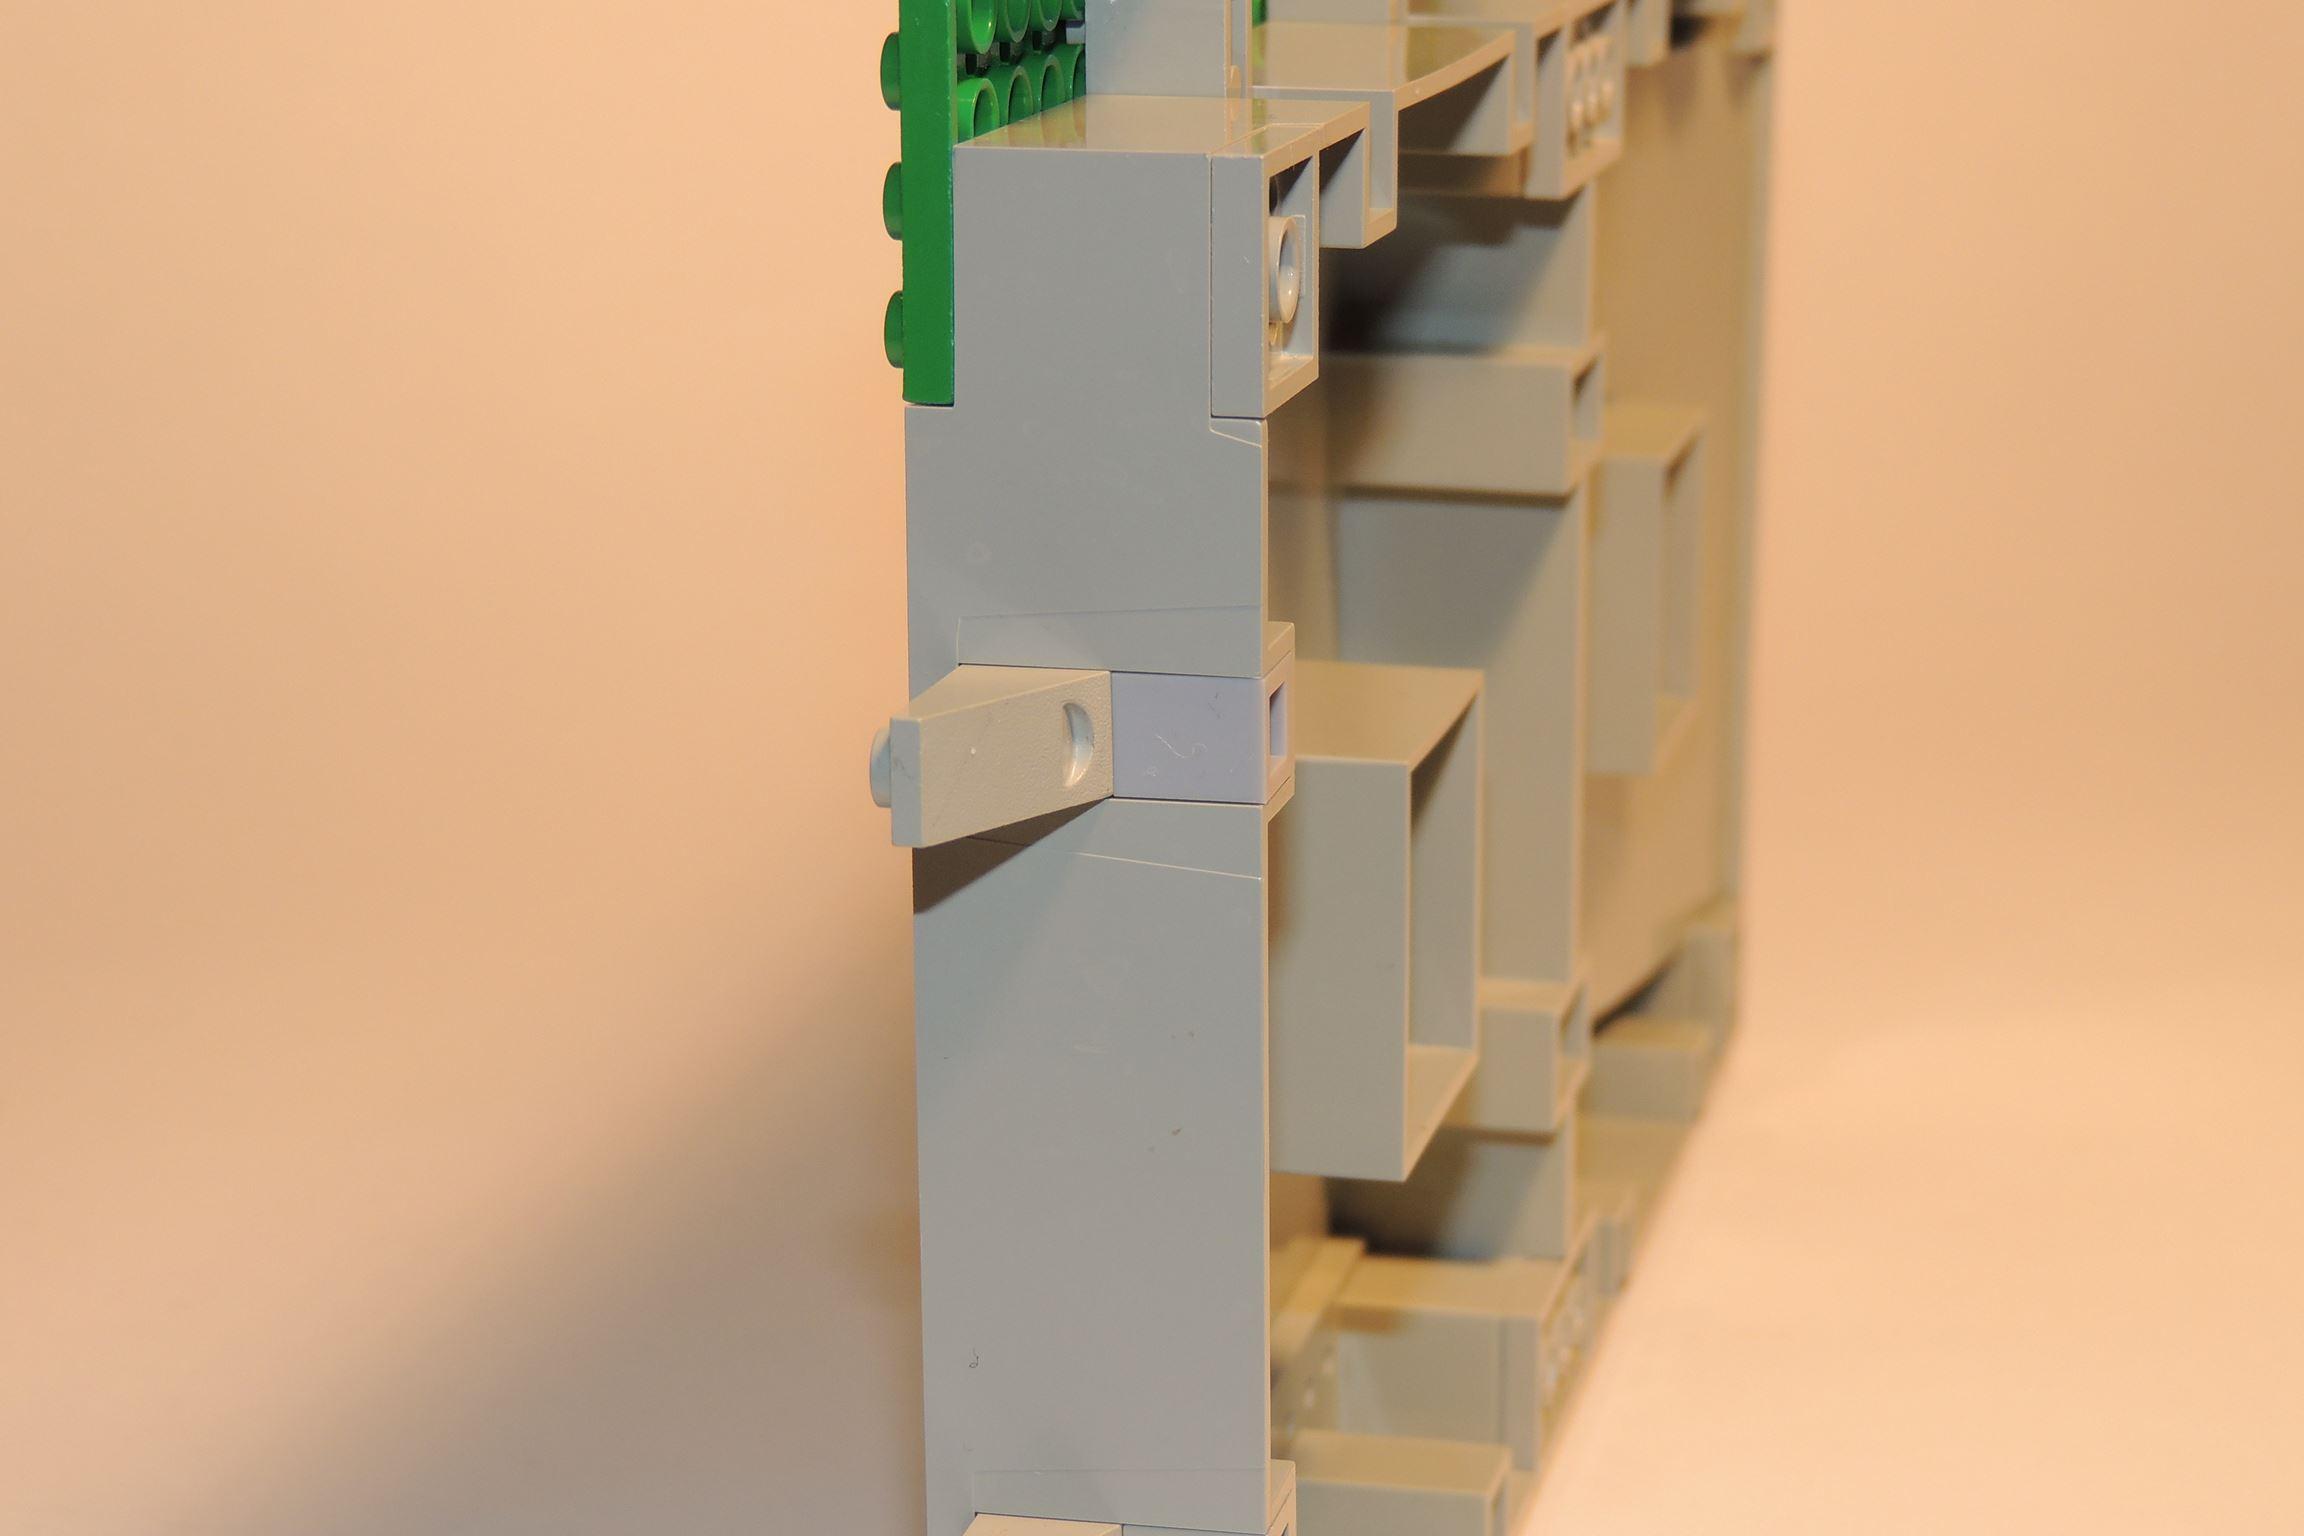 1×1 Brick in LBG von Steinchenexpress (Hafenanlage BS 4).